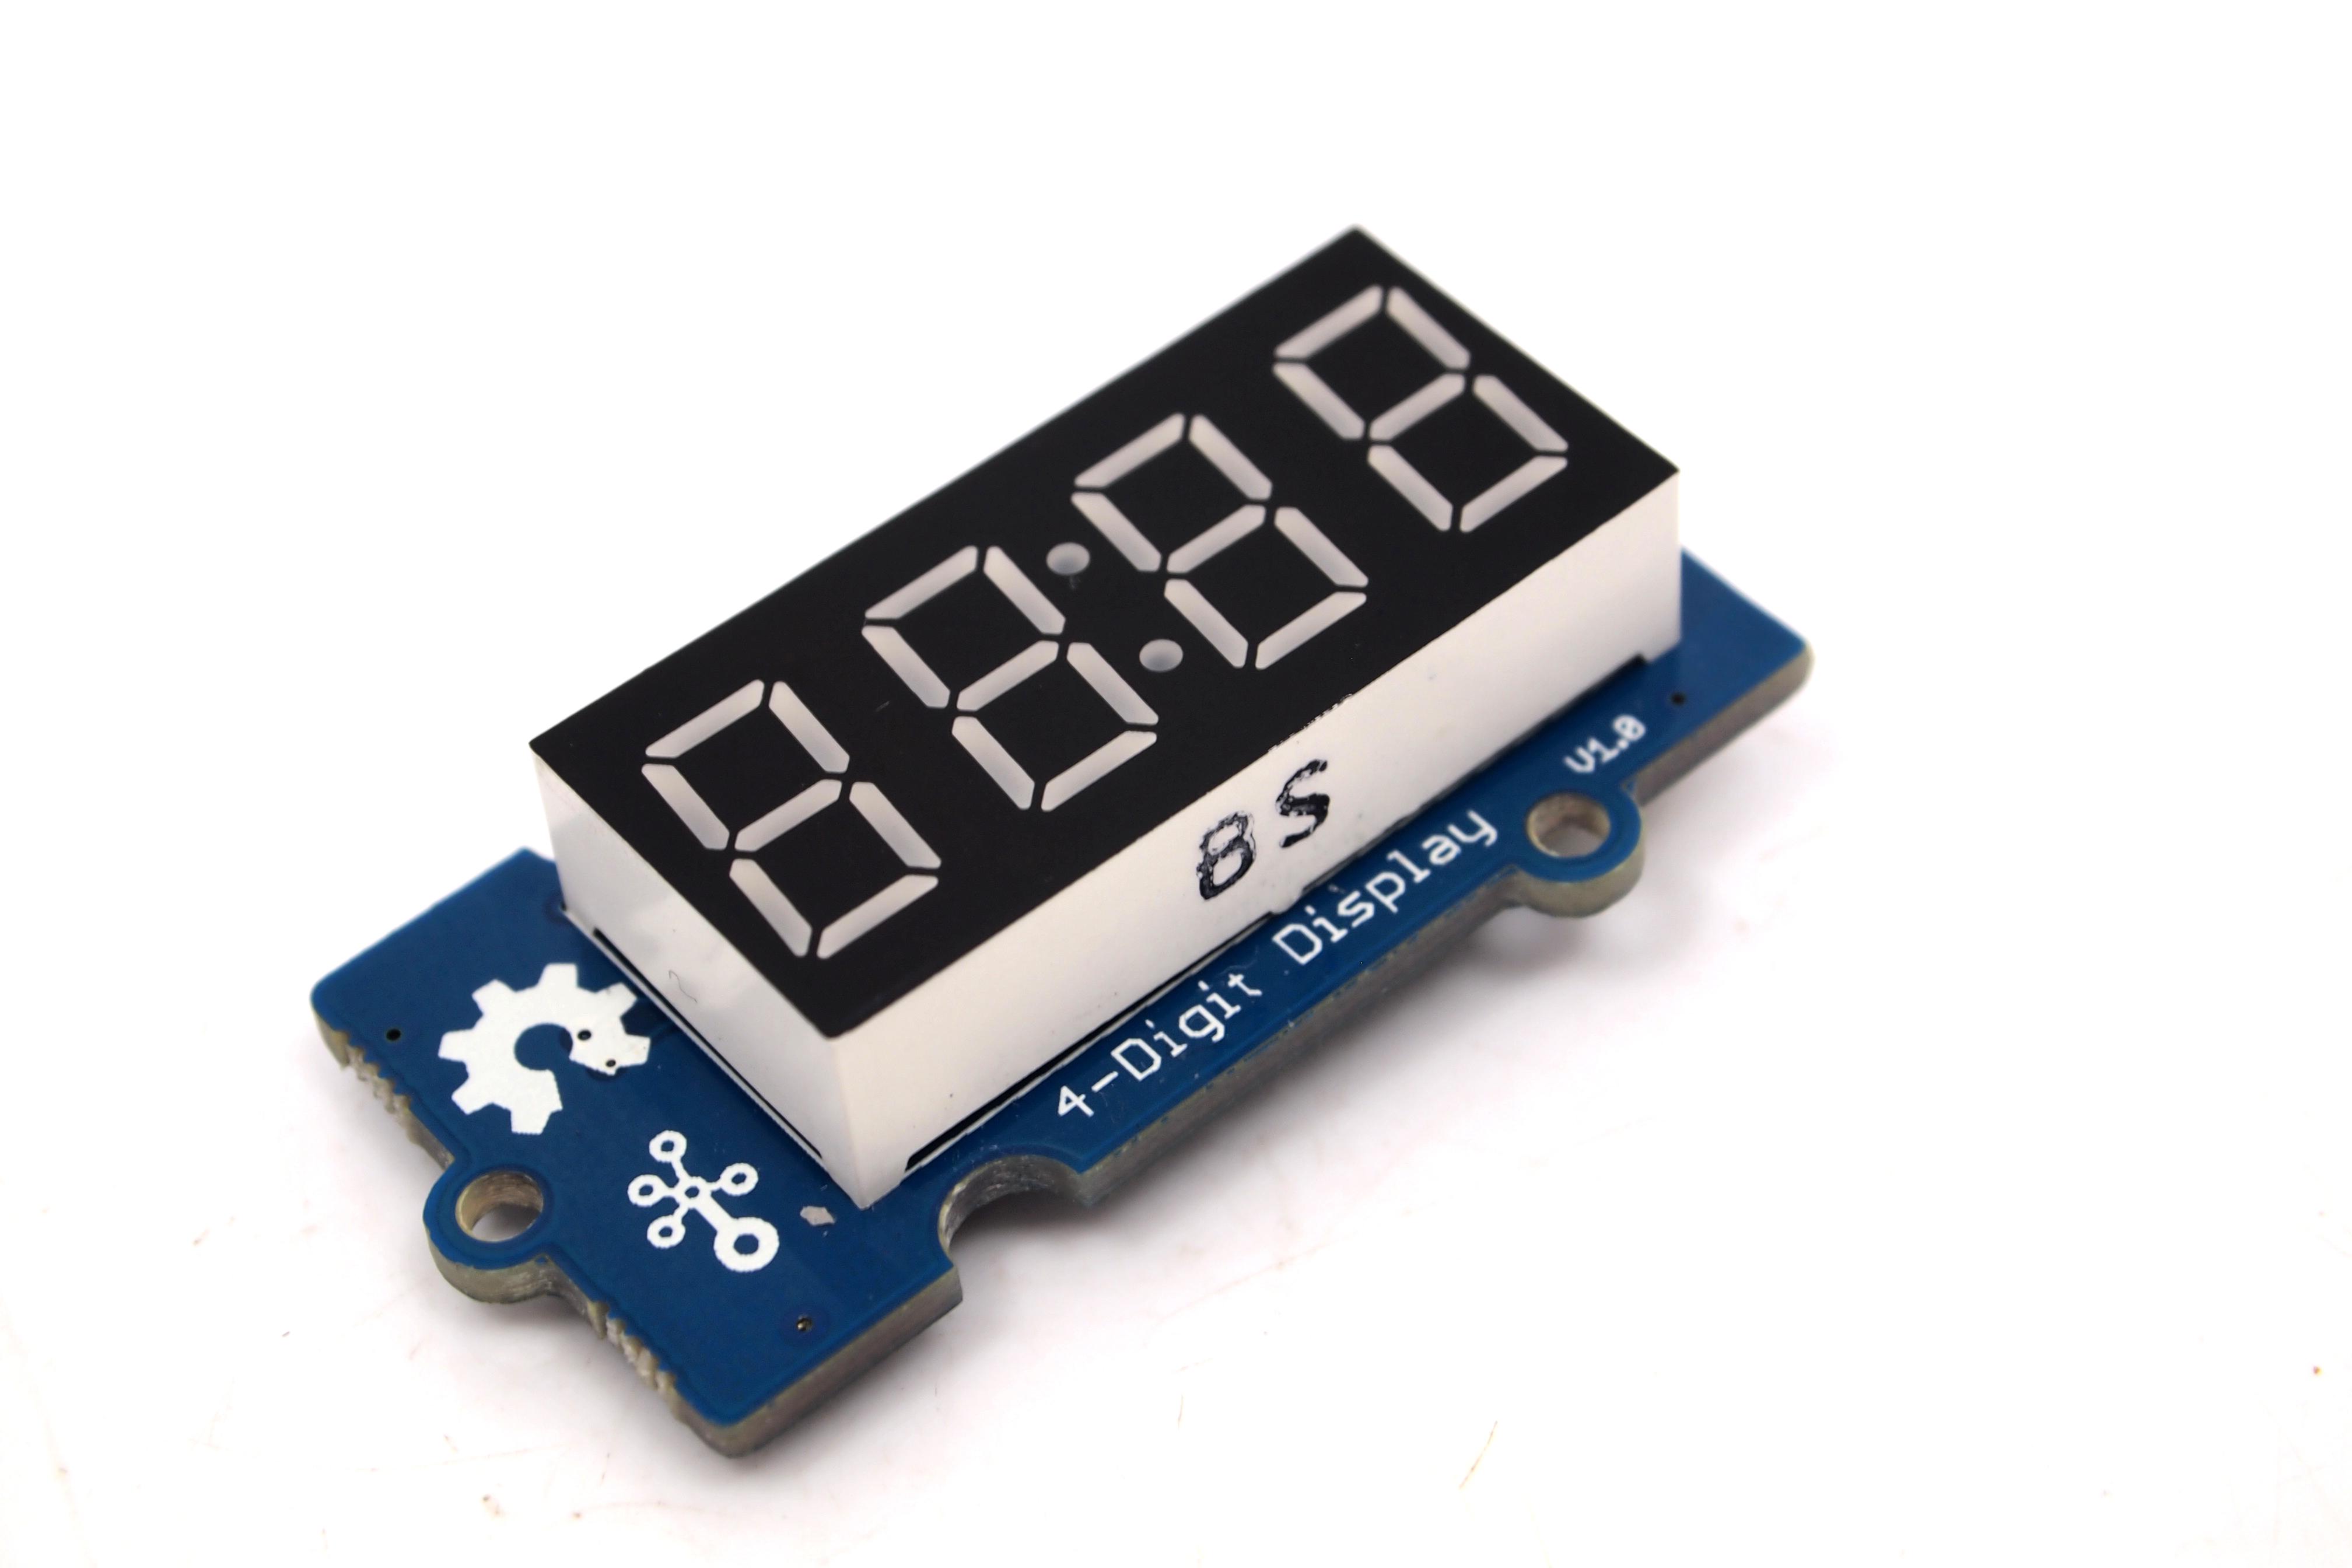 microcontrollers_Grove_Base_Digital_Display.jpg